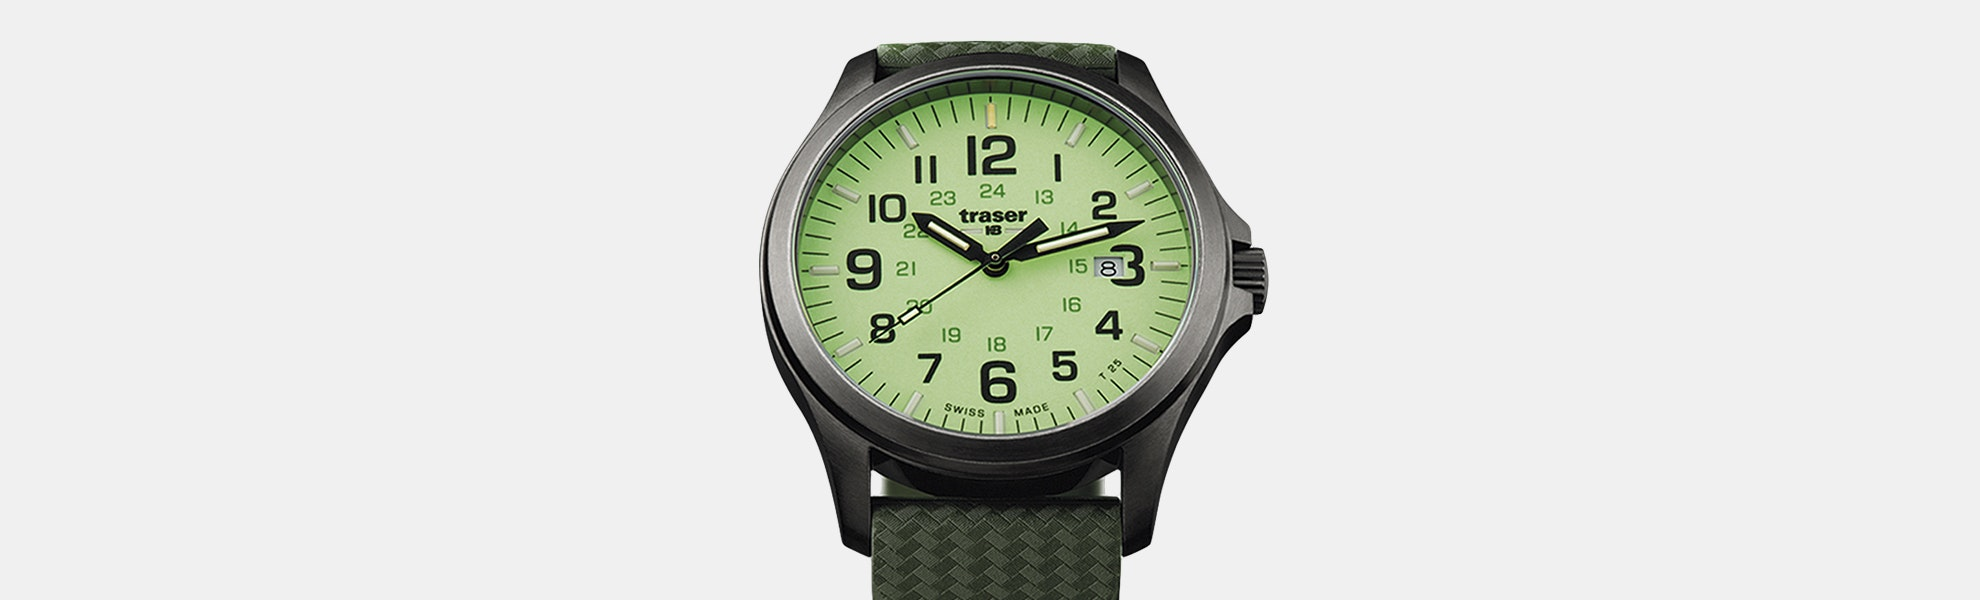 Traser Officer Pro Quartz Watch